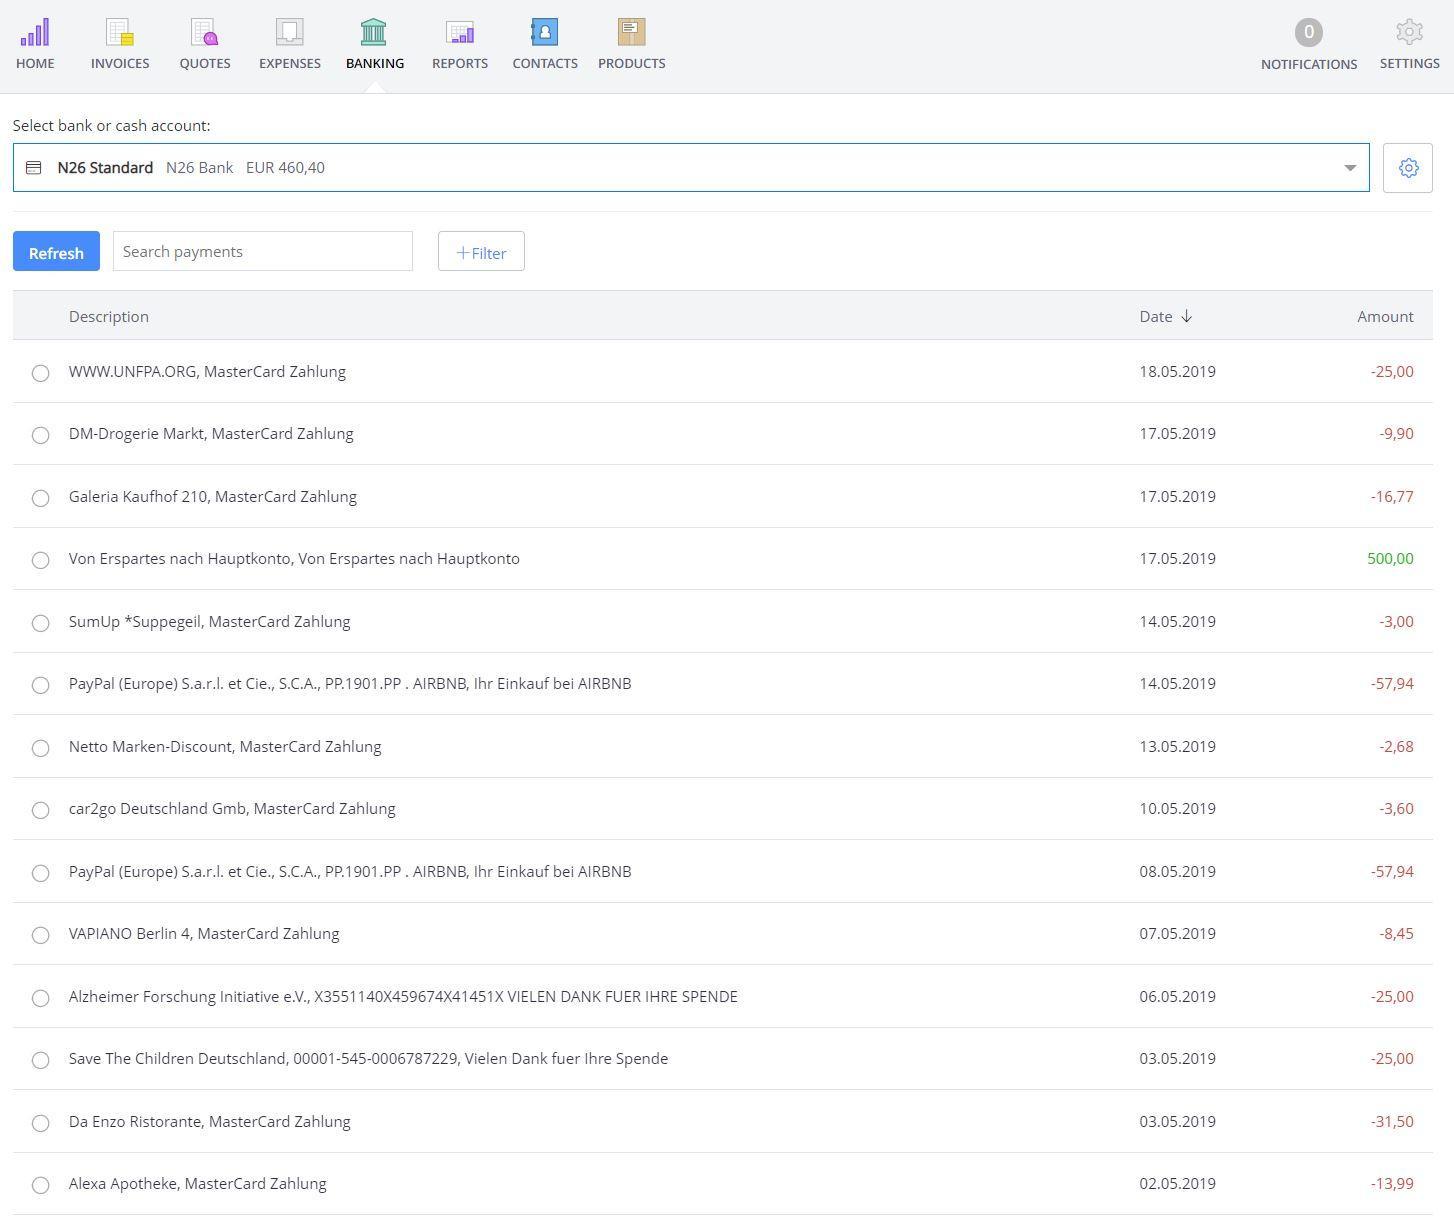 screenshot-web-banking-overview.JPG